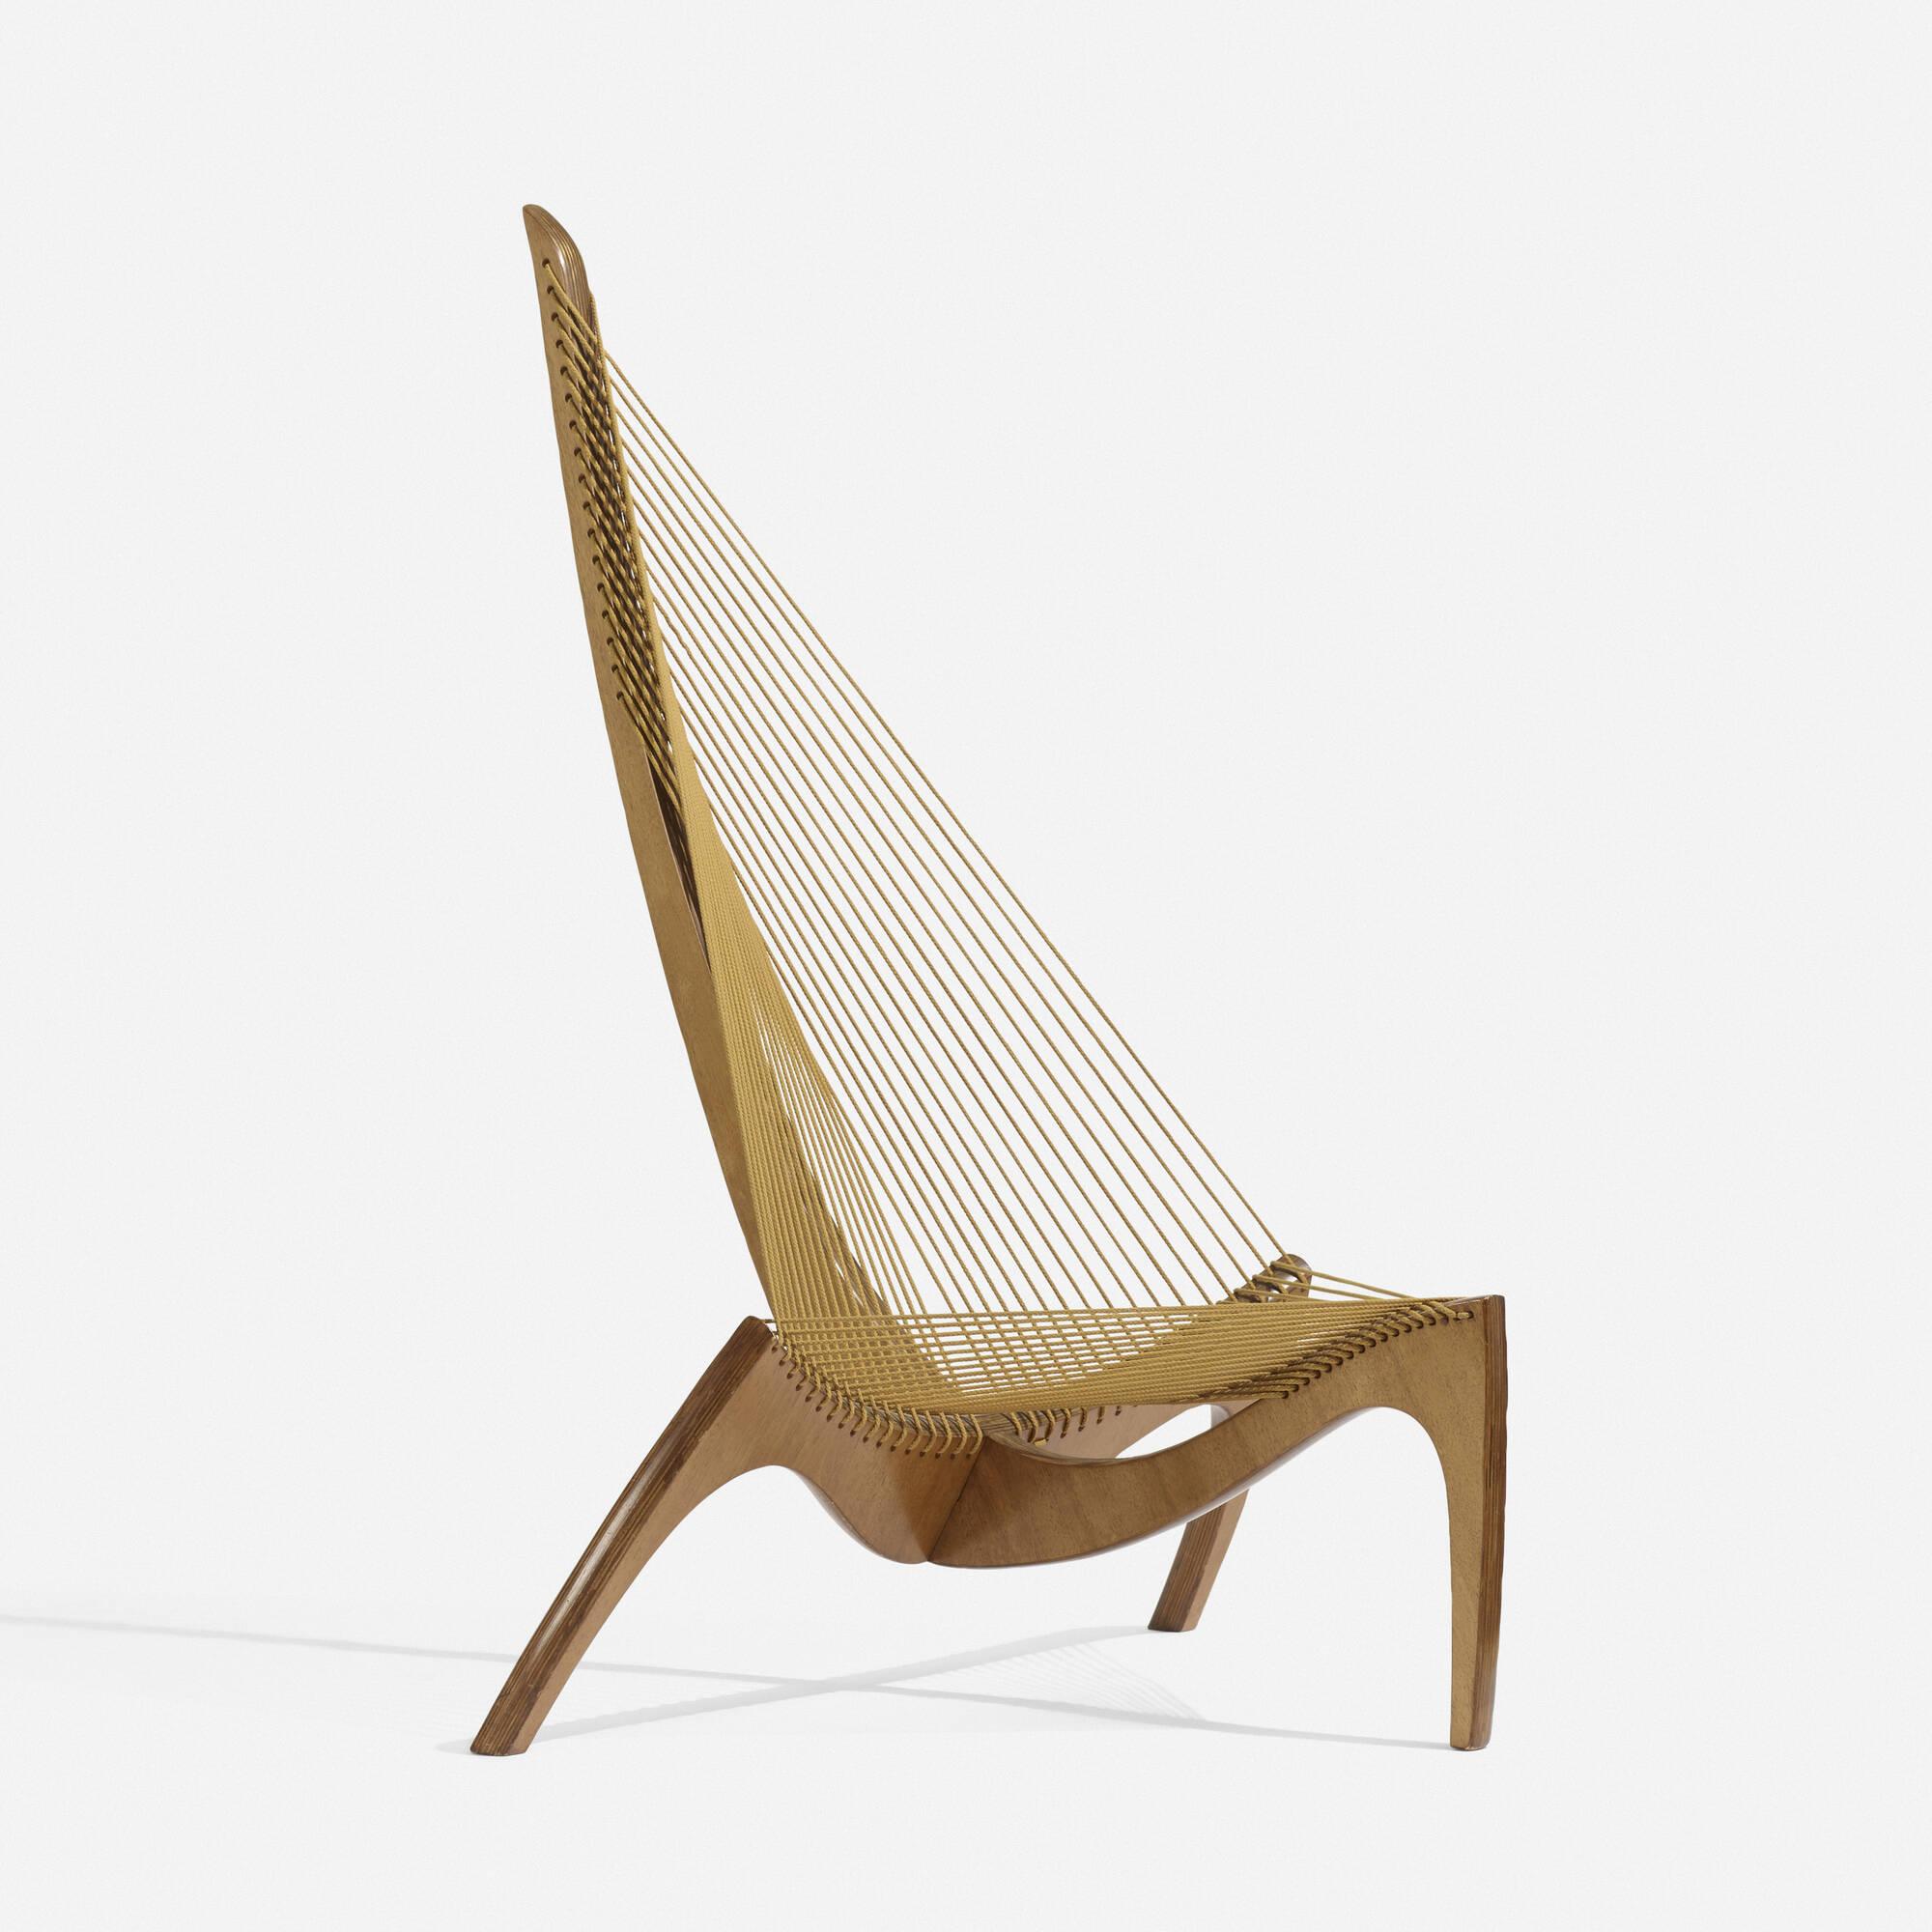 151: Jorgen Hovelskov / Harp chair (1 of 5)